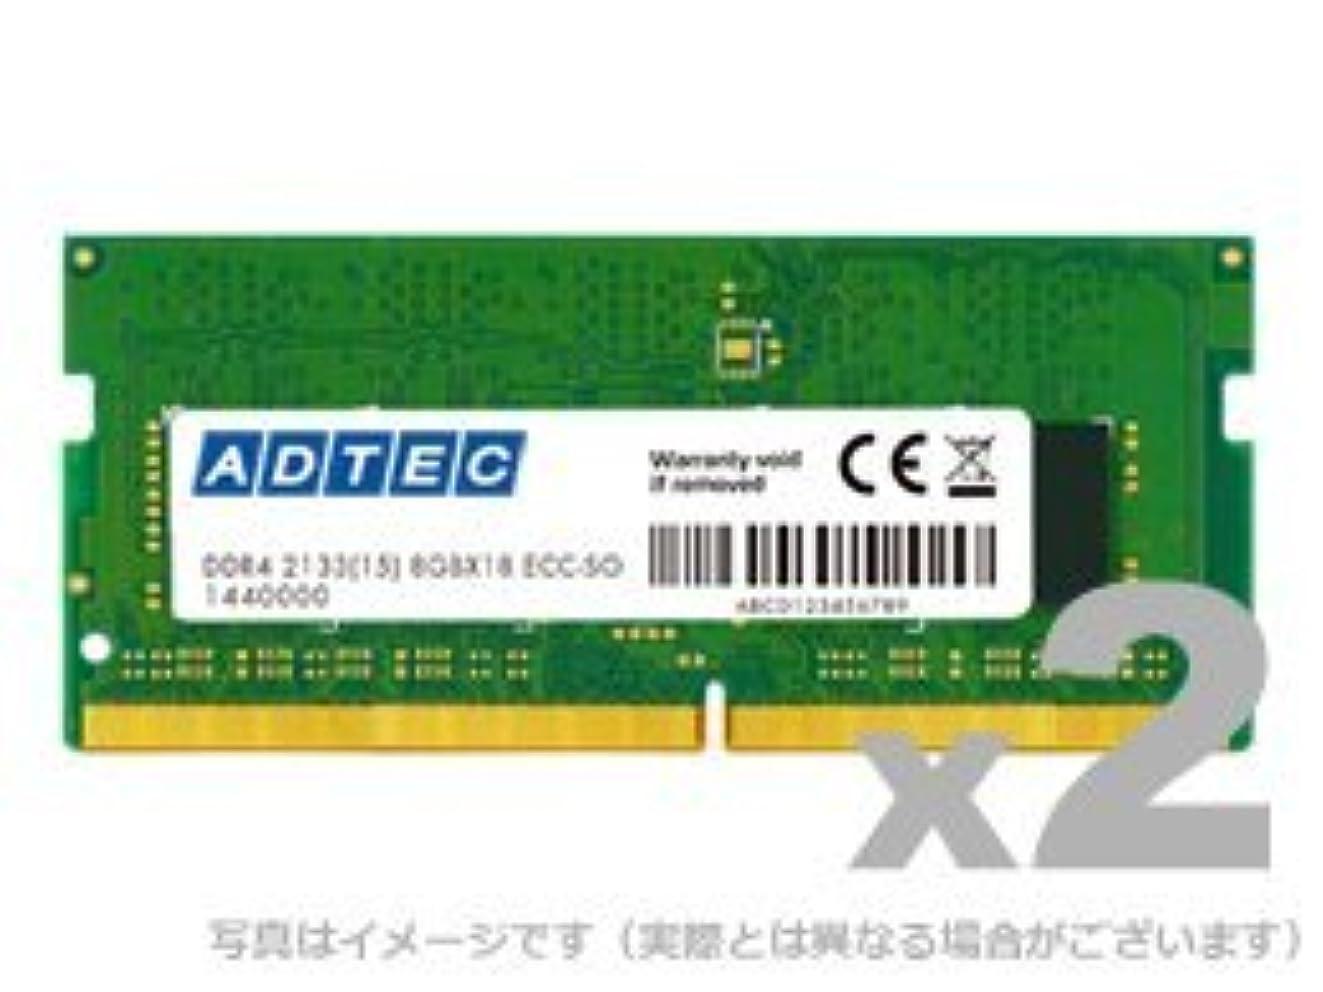 スペアぜいたくサッカーアドテック ADS2400N-E16GW サーバー用 DDR4-2400 260pin SO-DIMM ECC 16GB×2枚